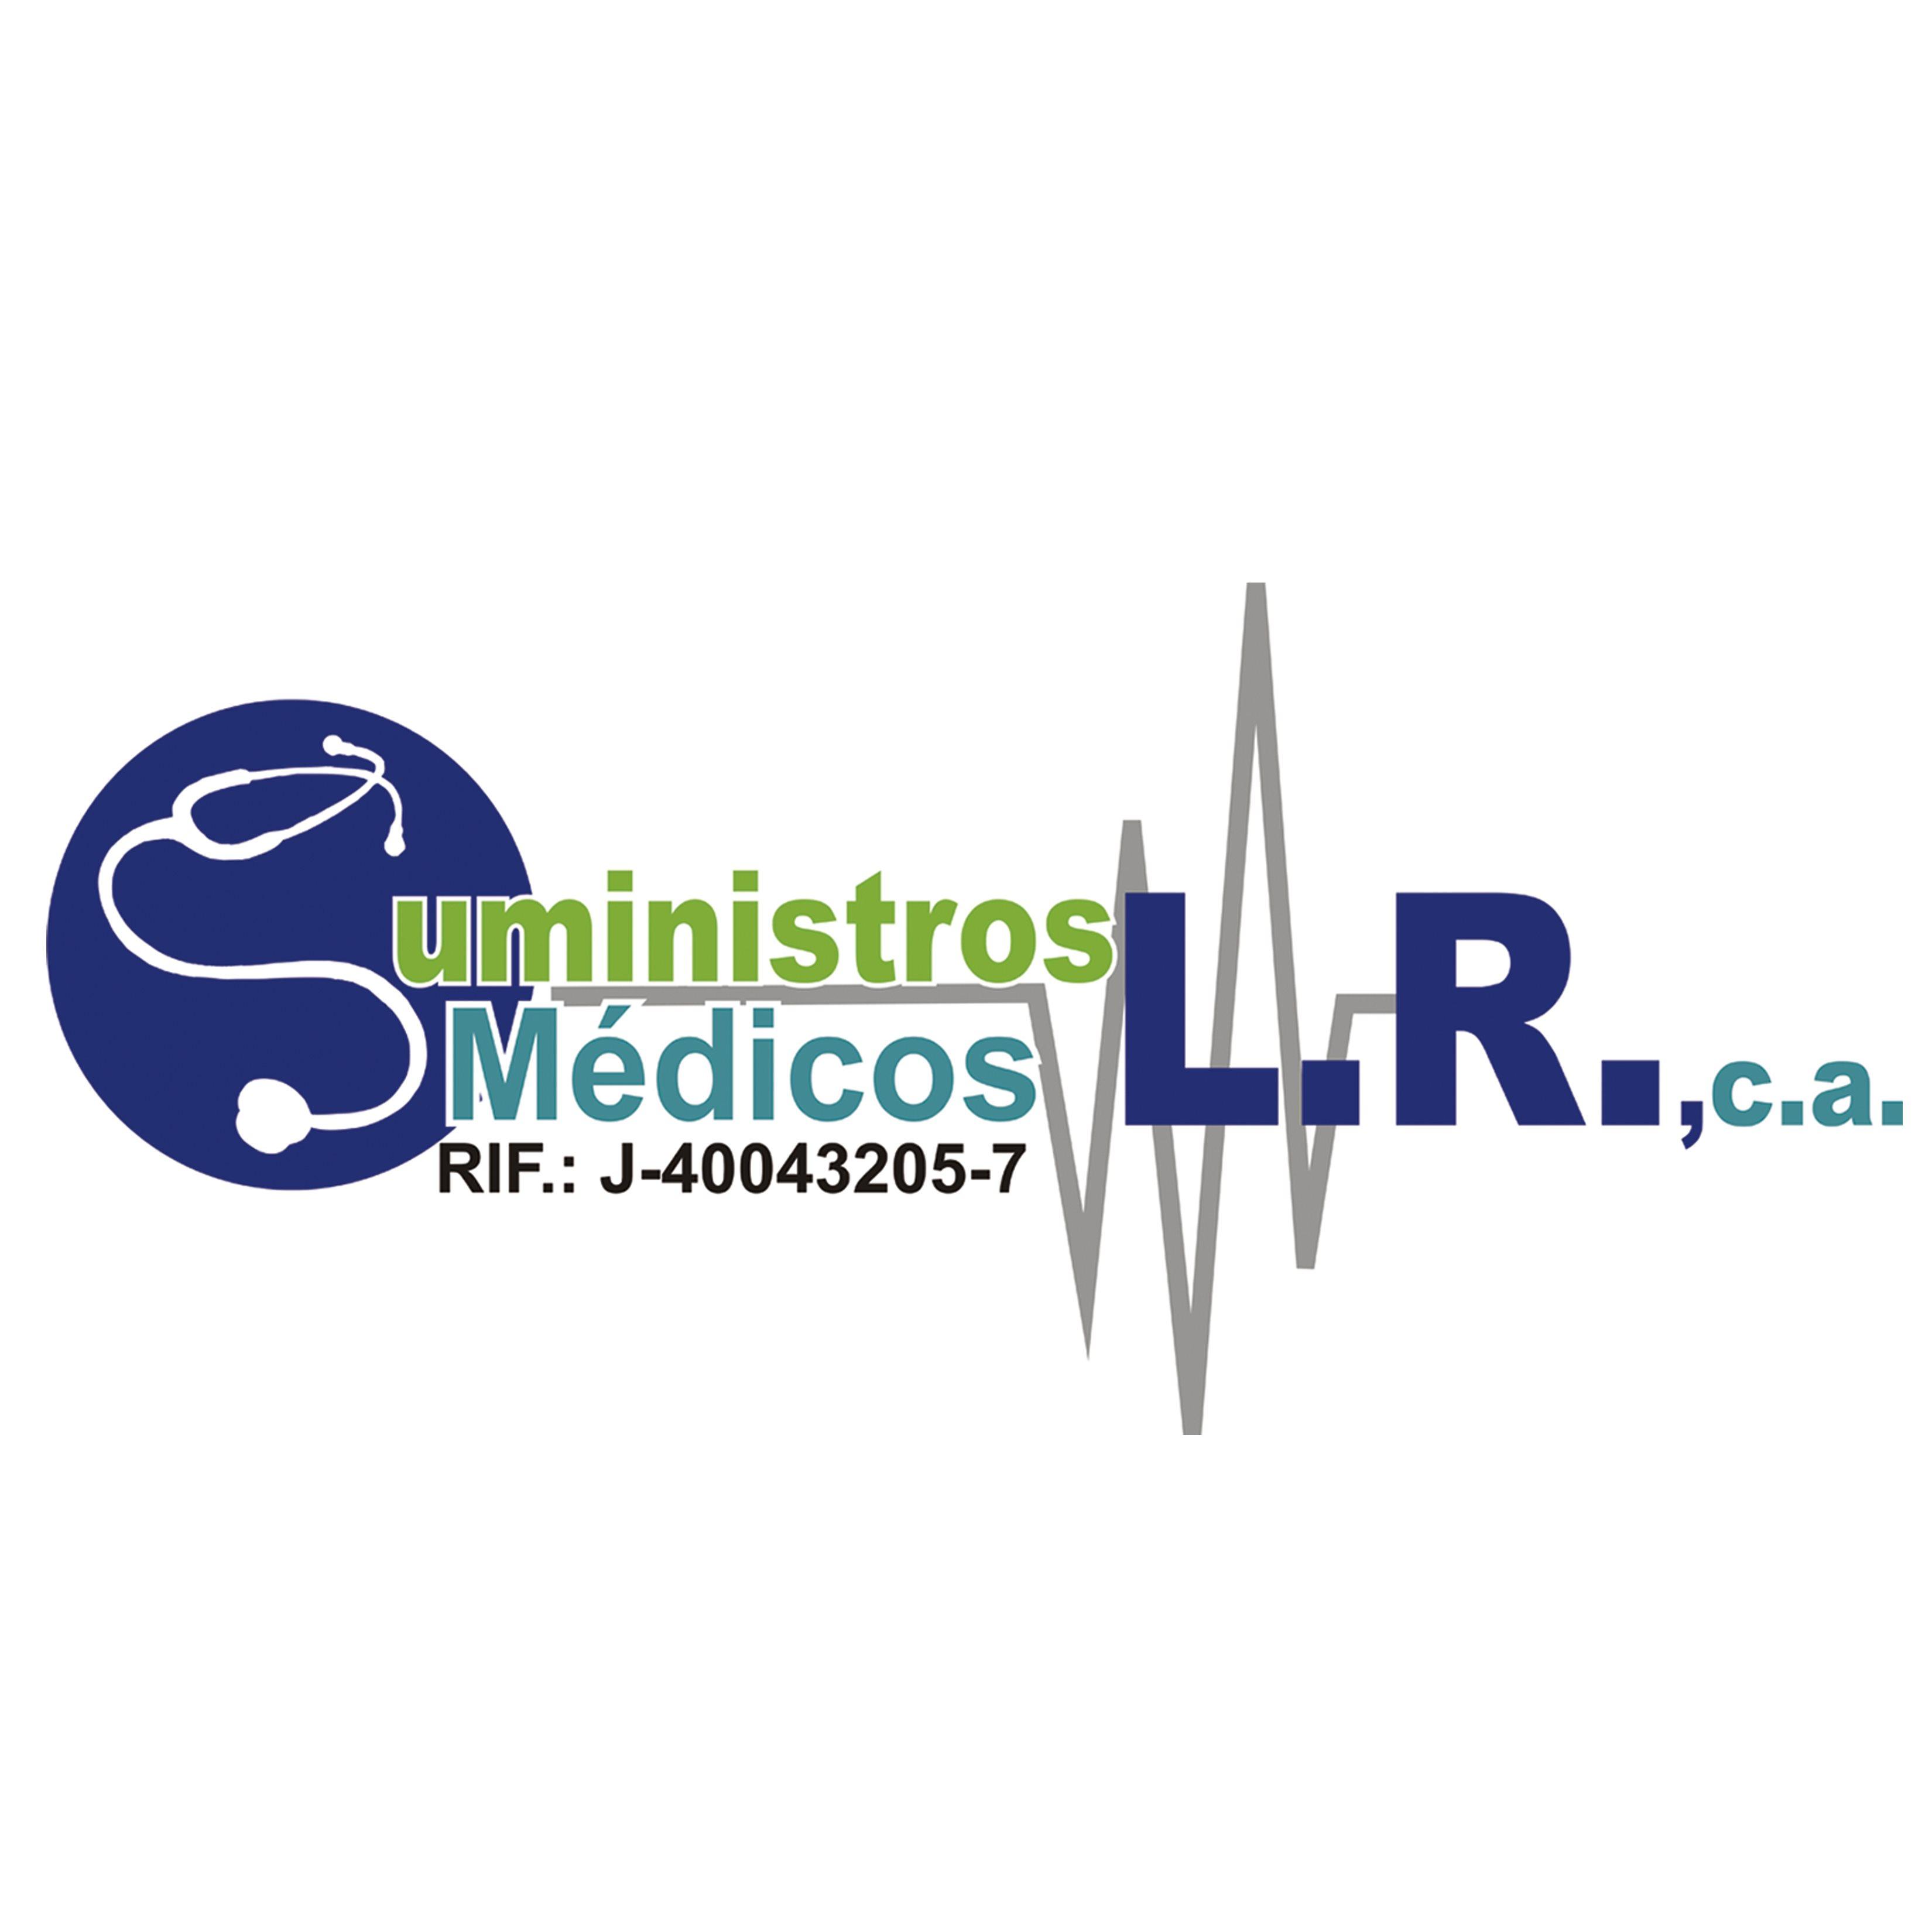 Suministros Medicos LR